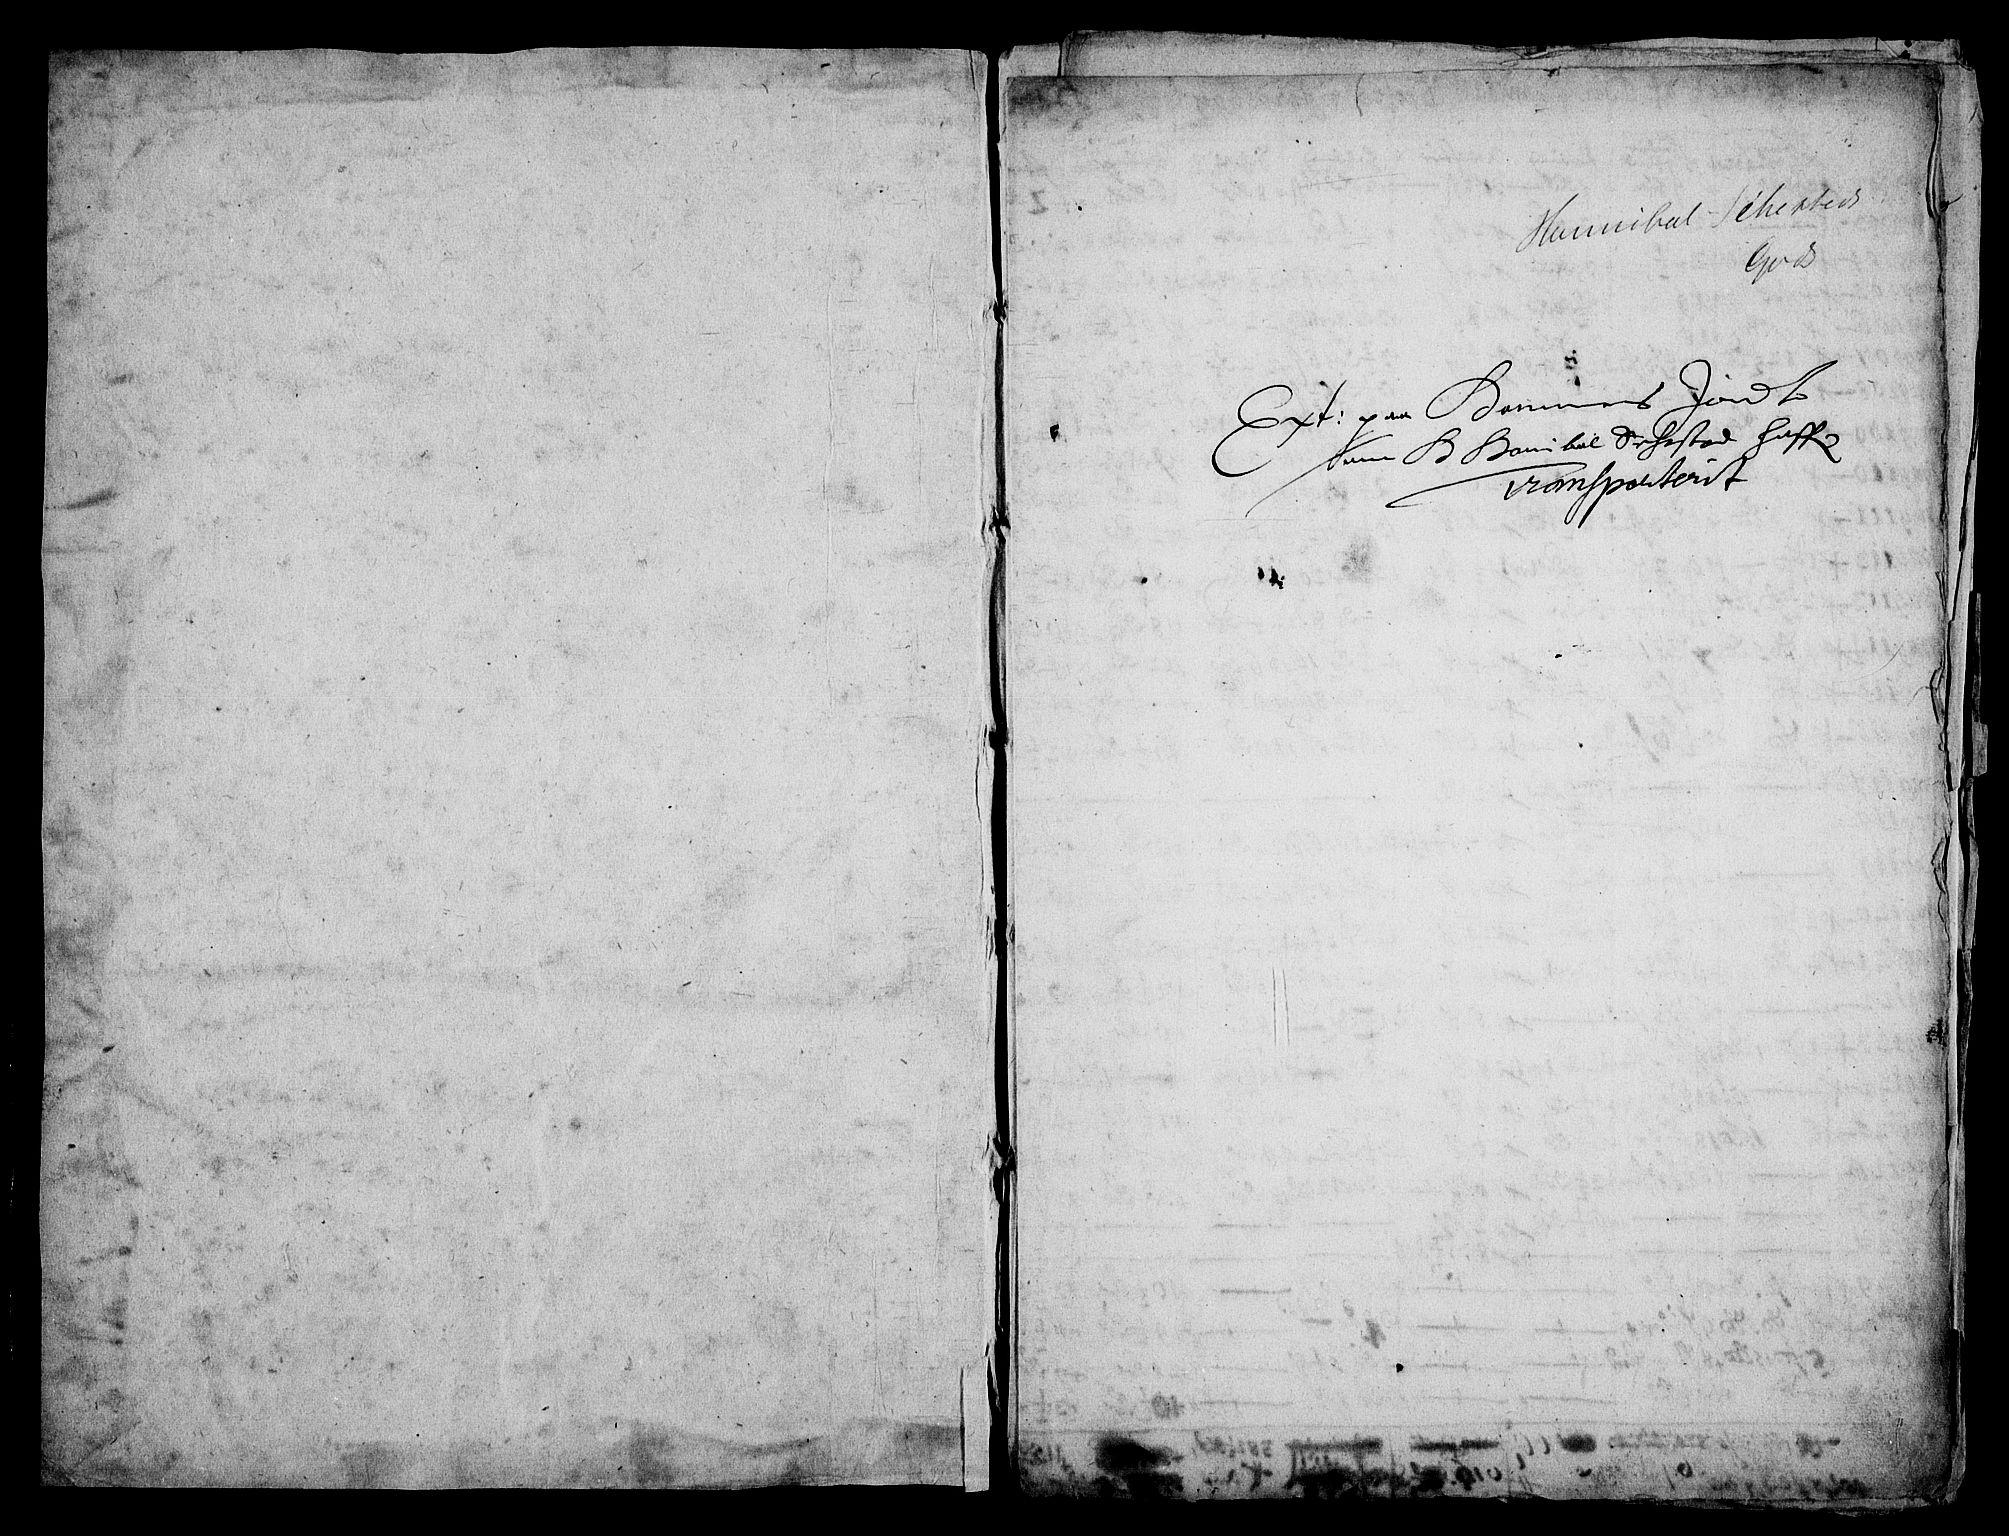 RA, Rentekammeret inntil 1814, Realistisk ordnet avdeling, On/L0001: Statens gods, 1651, s. upaginert